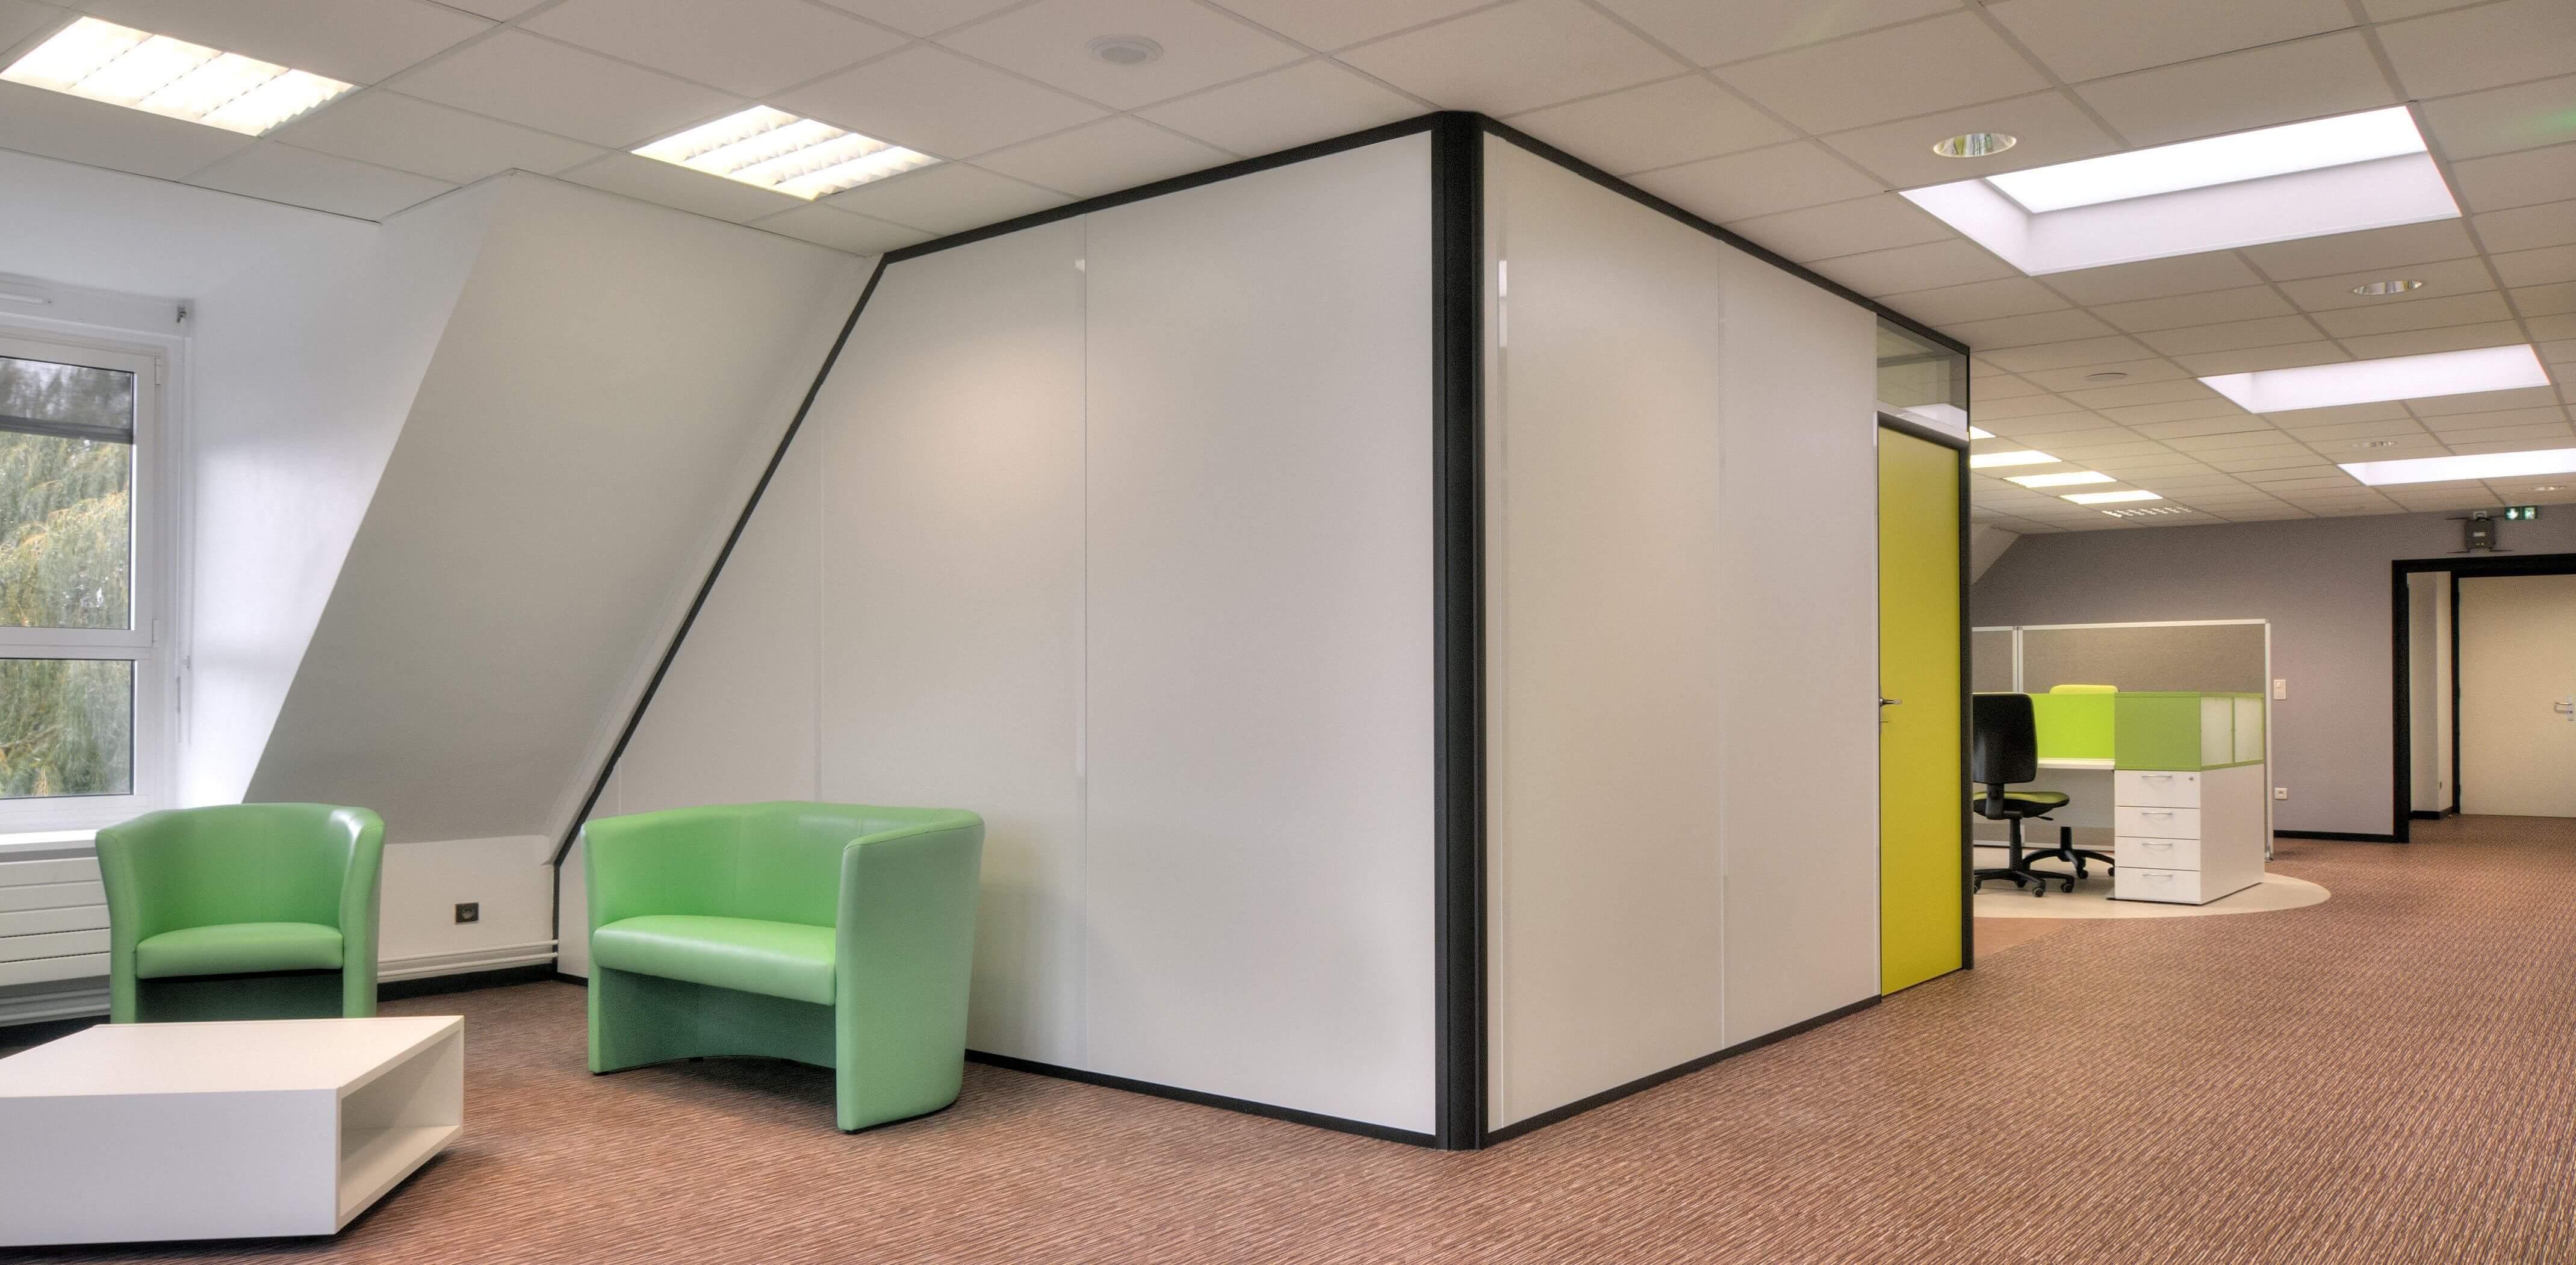 Cloisons pleines avec couvre-joints et angle 90° arrondi - salle de réunion dans open-space